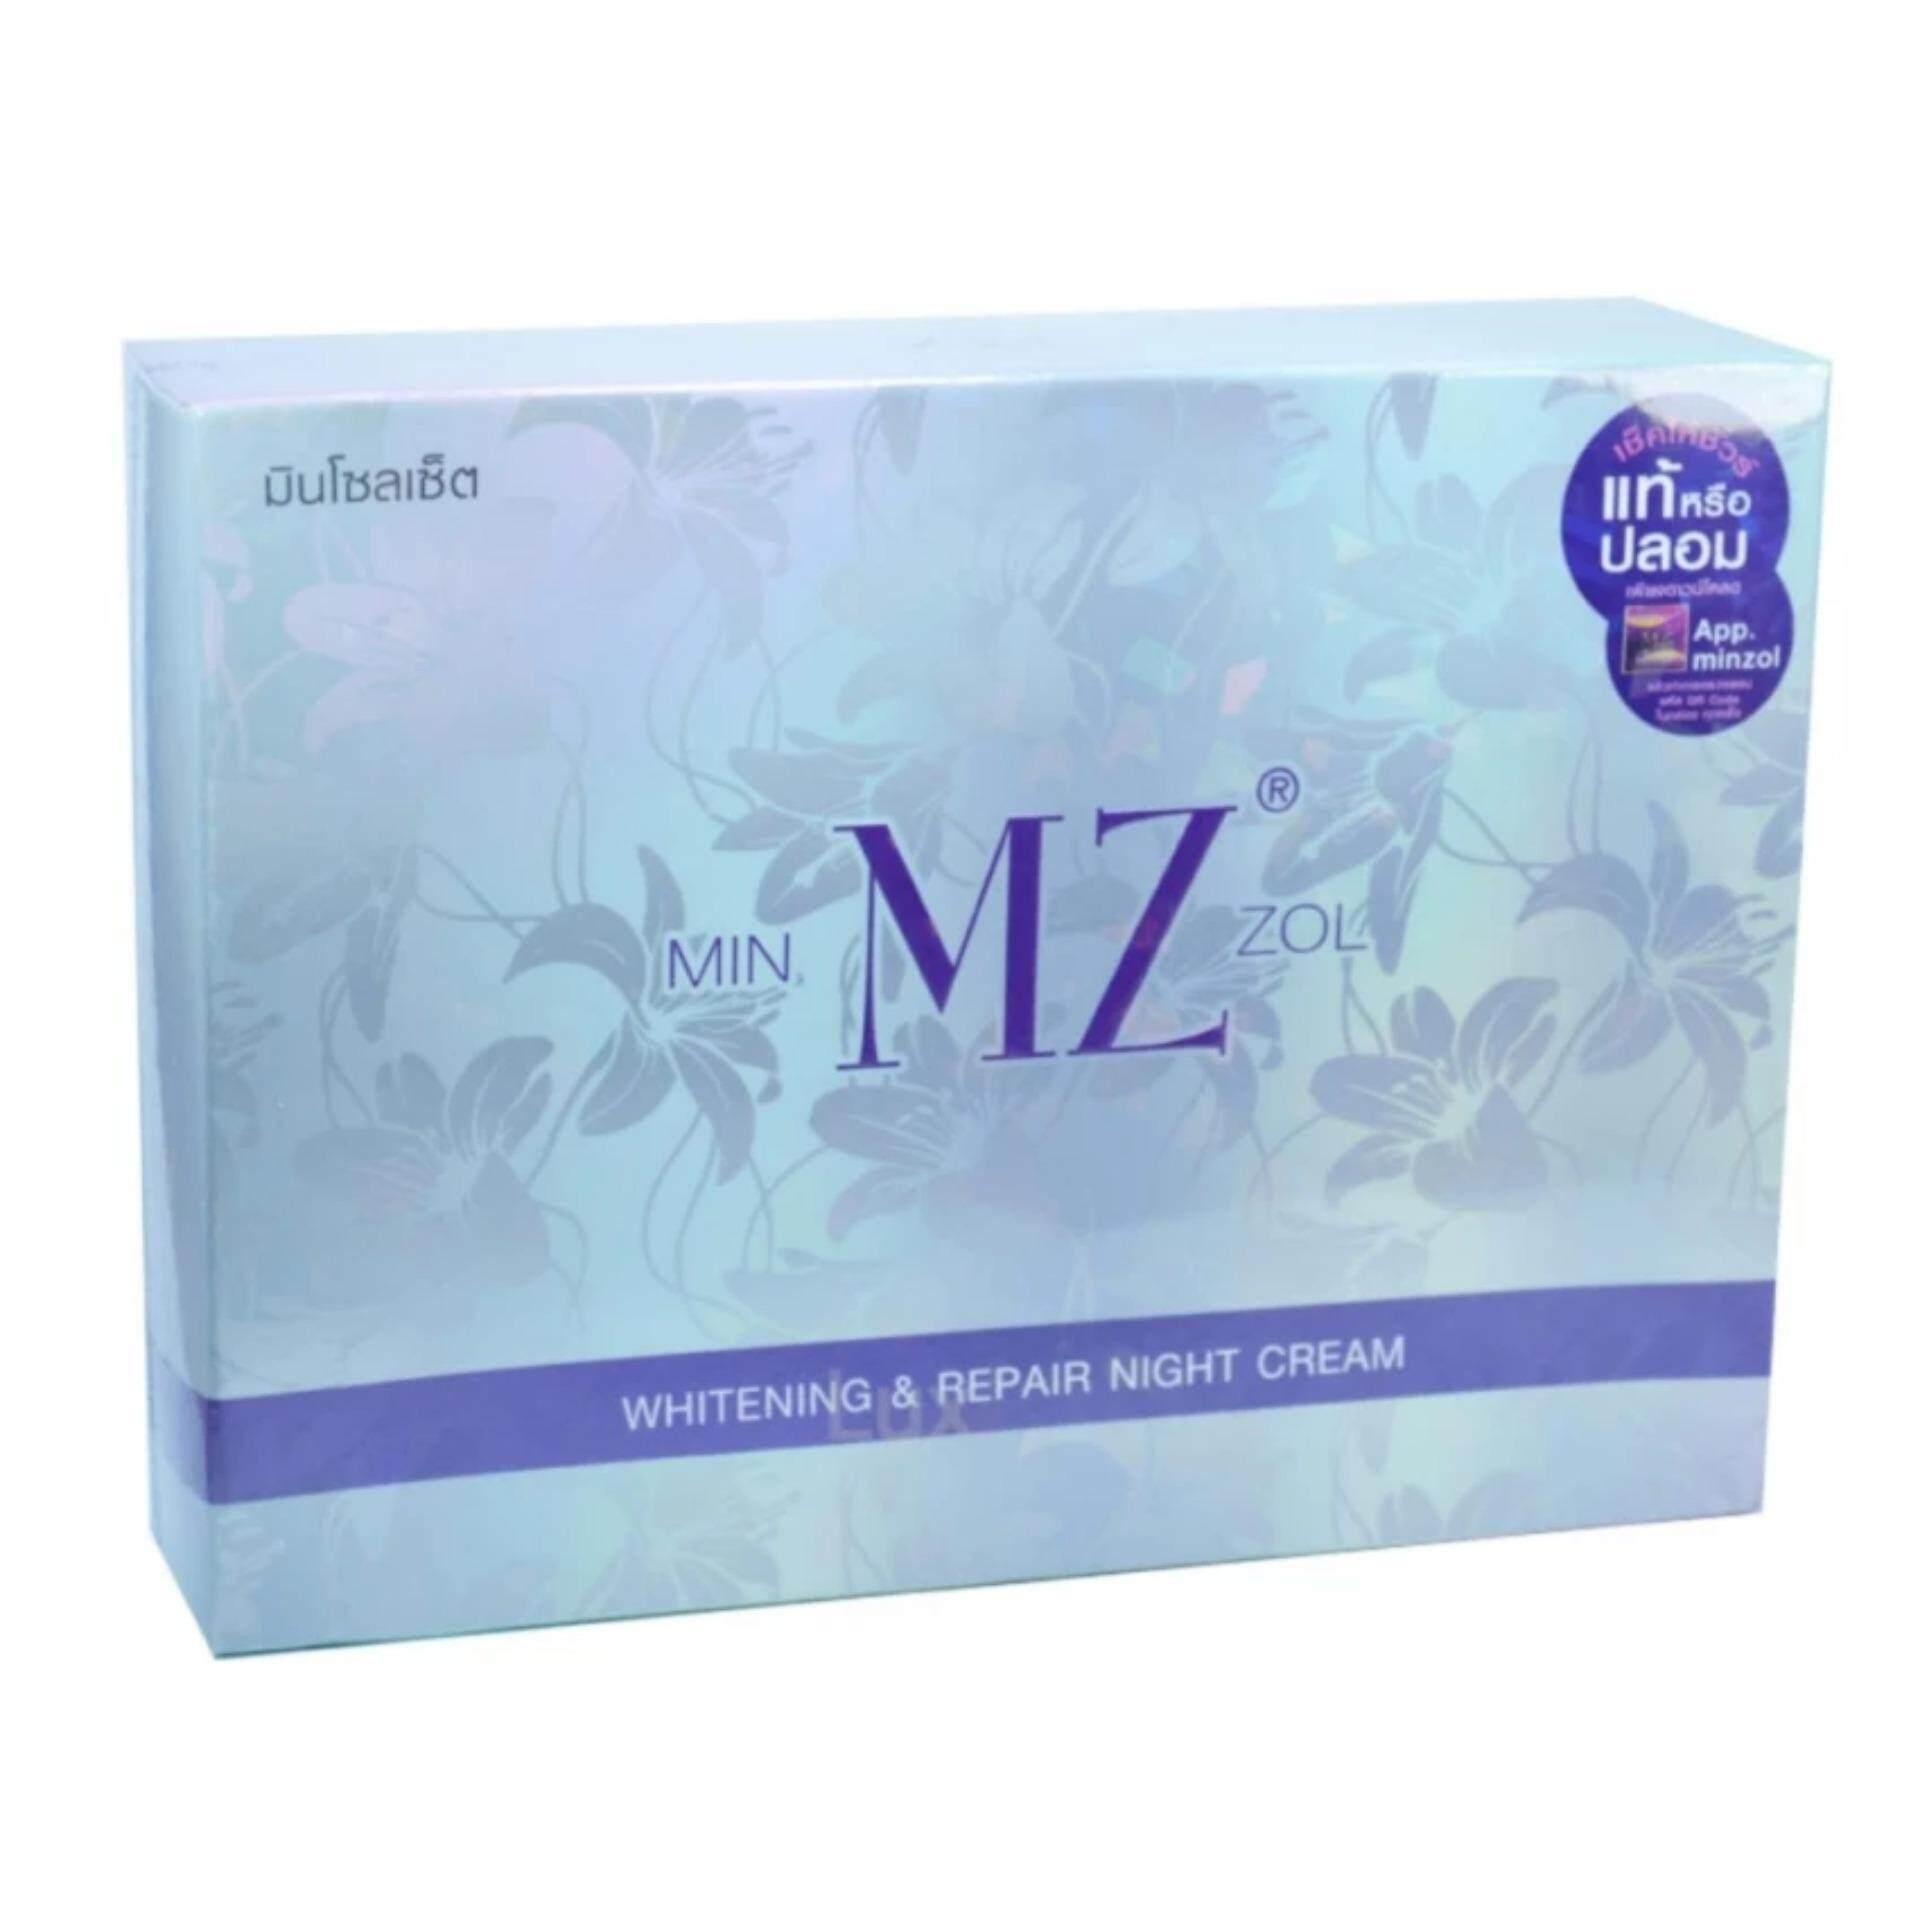 ลดส่งท้ายปี MinZol ครีมมินโซว หน้าขาว กระจ่างใส ไร้สิว x1เซ็ท (ของแท้100%) ครีมยอดฮิตของวัยรุ่น